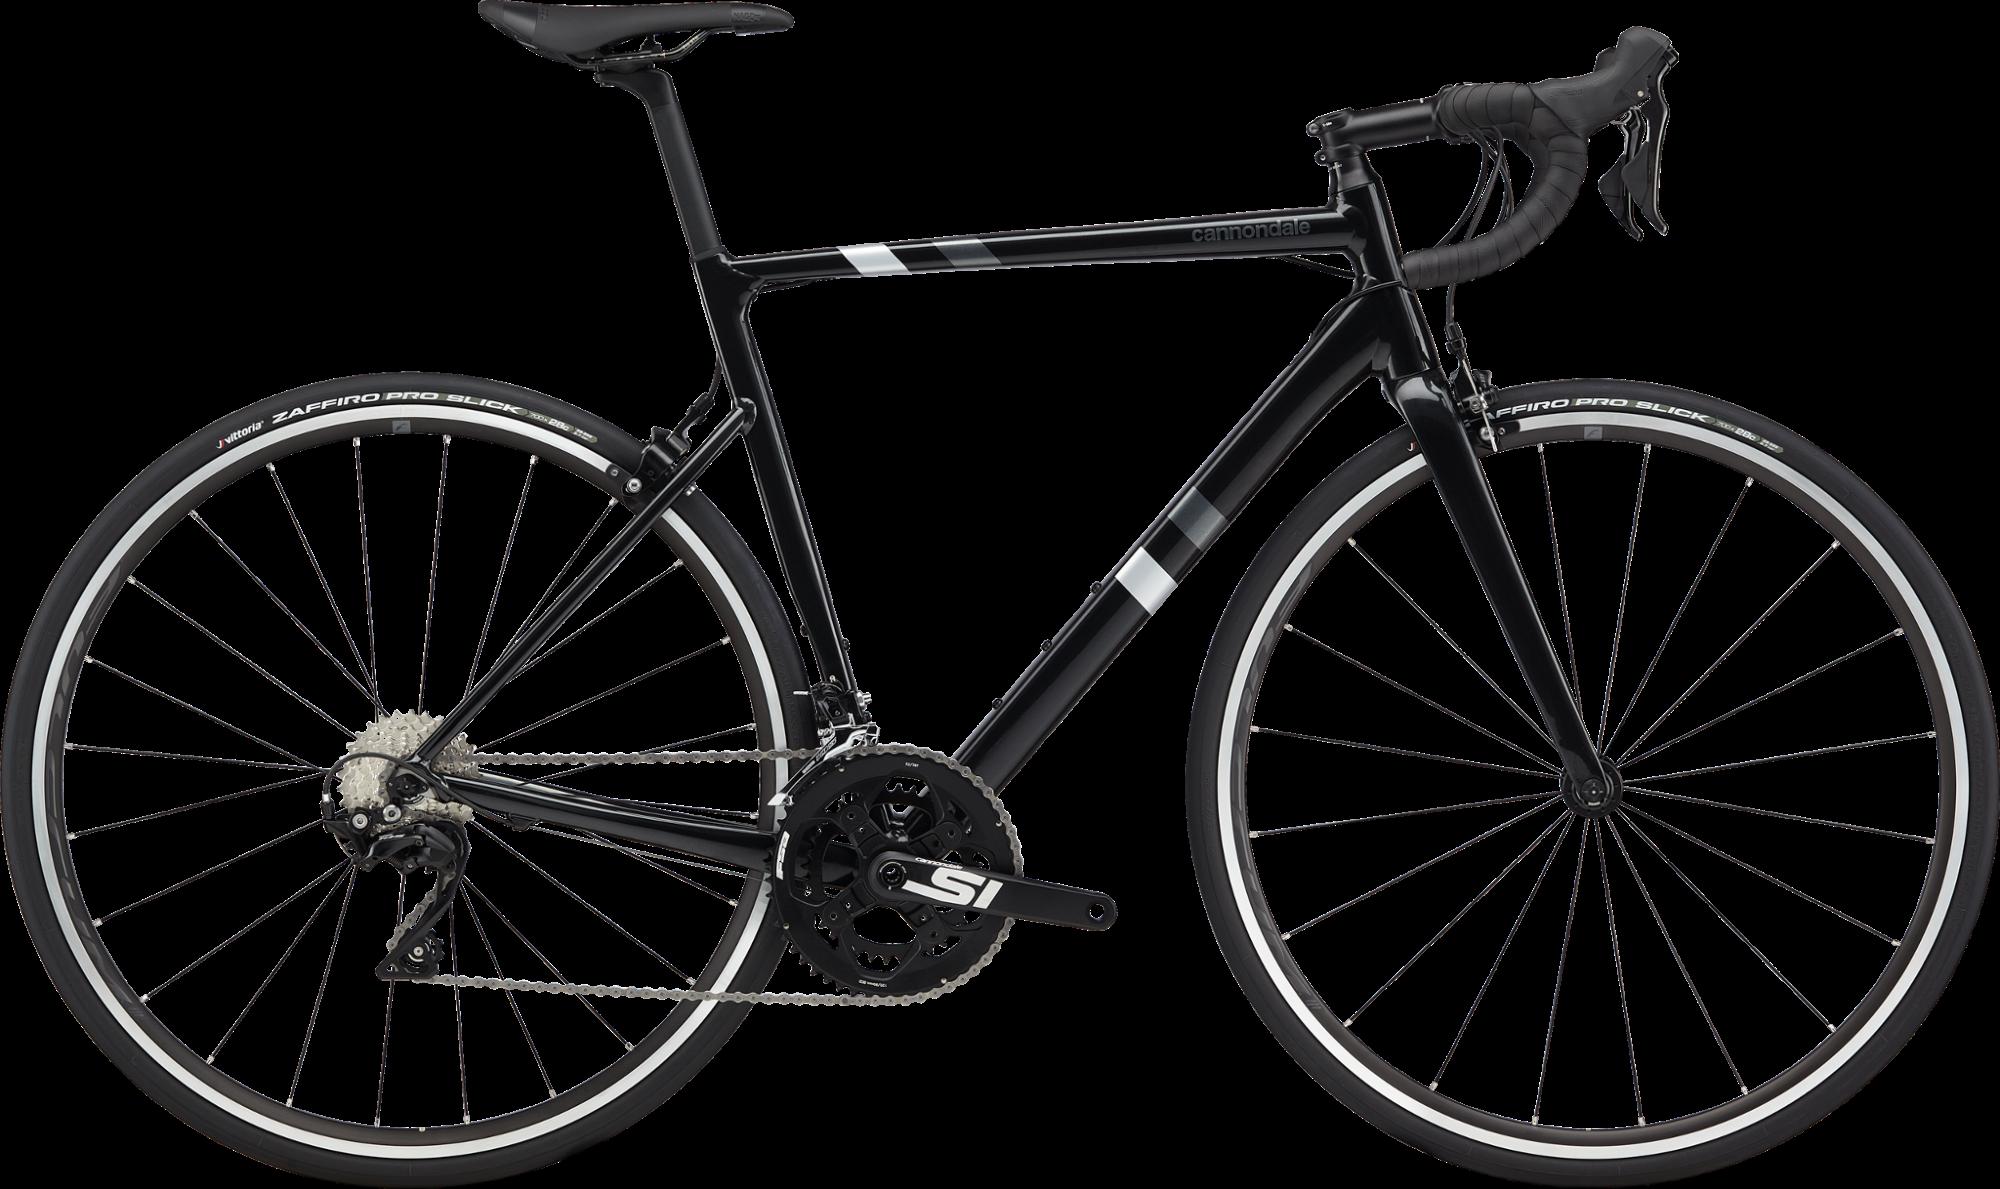 Bicicleta Cannondale CAAD13 105 2020